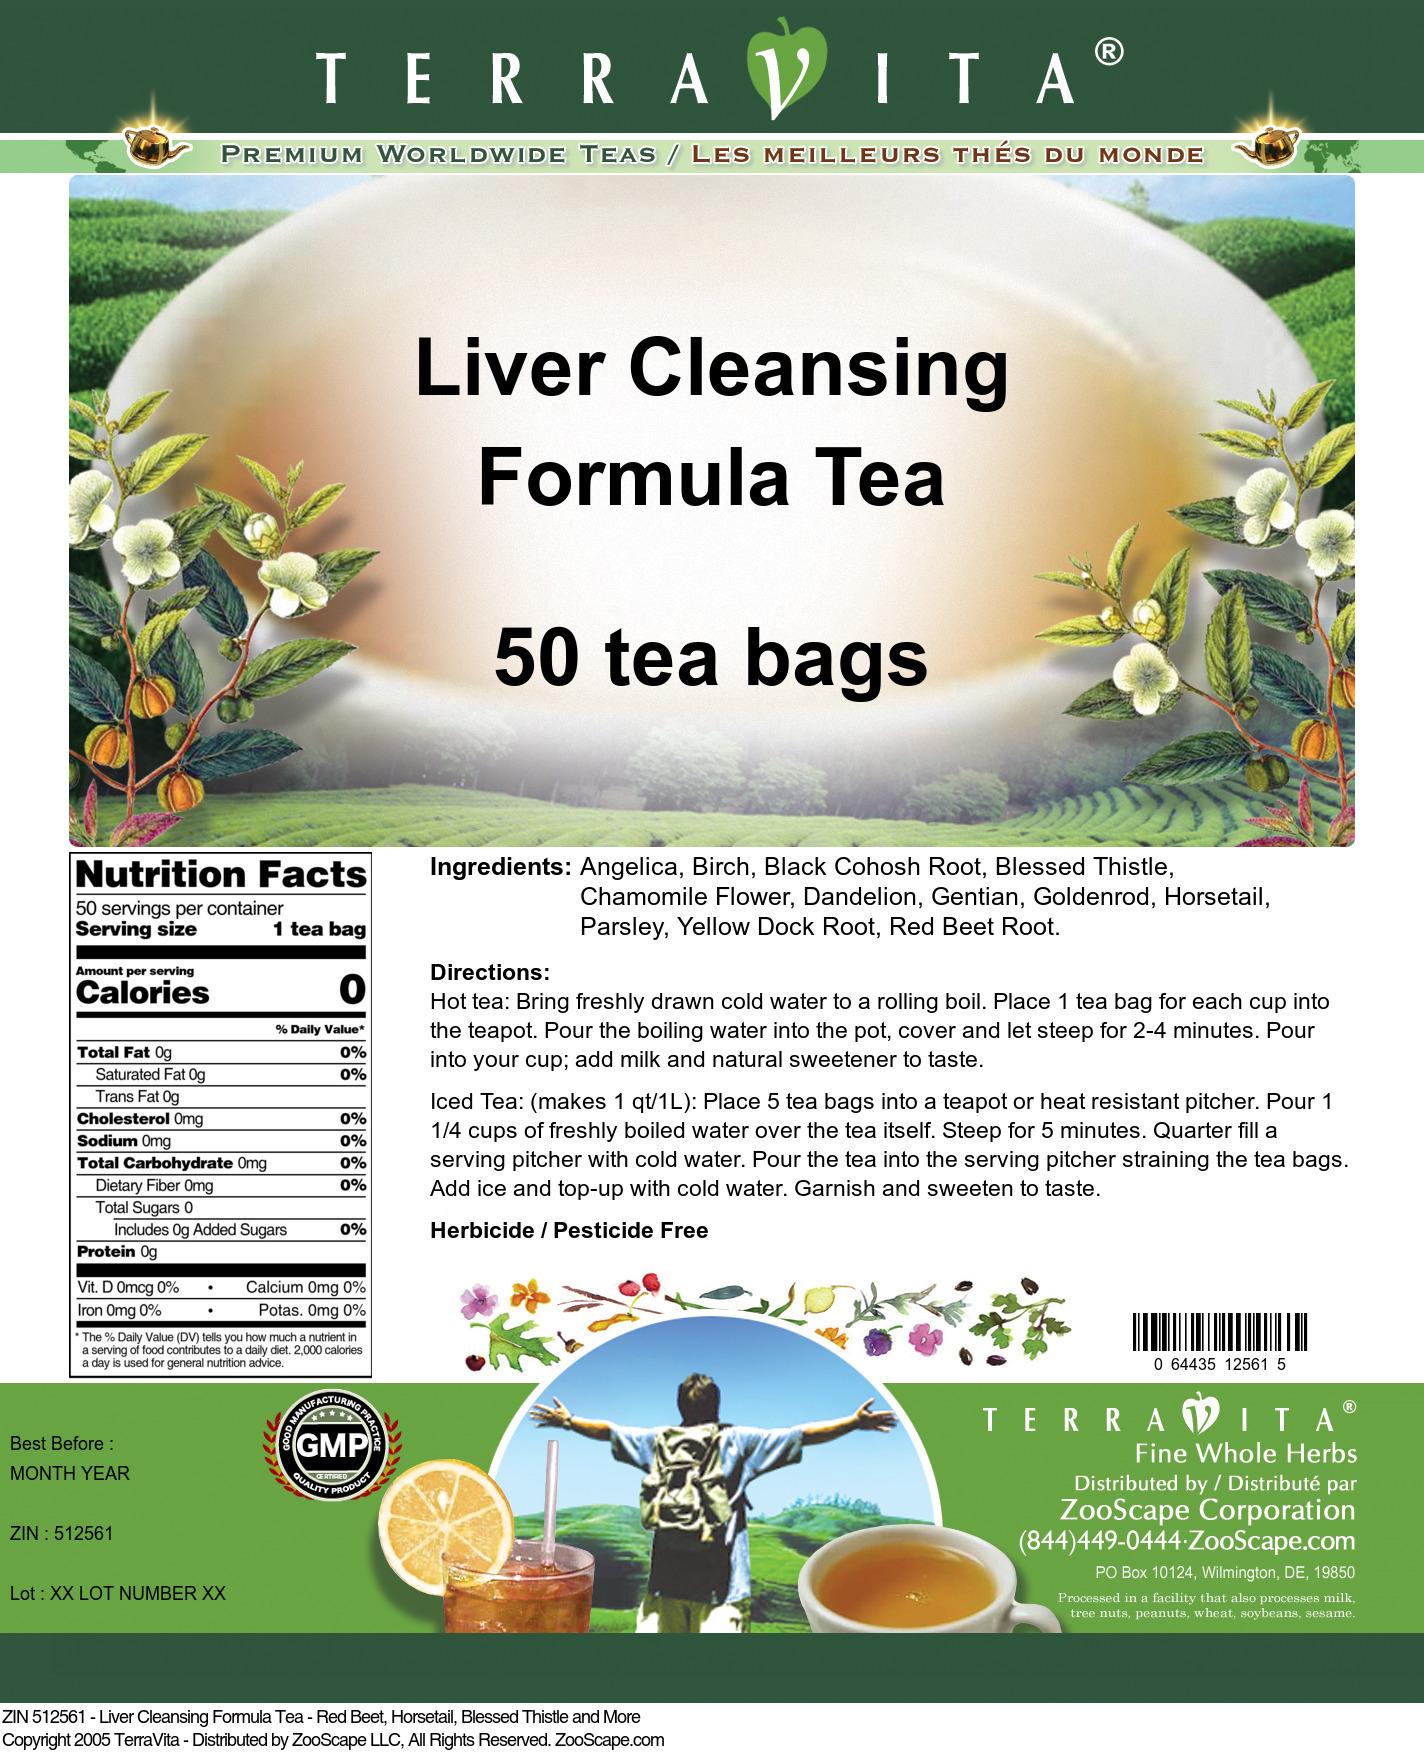 Liver Cleansing Formula